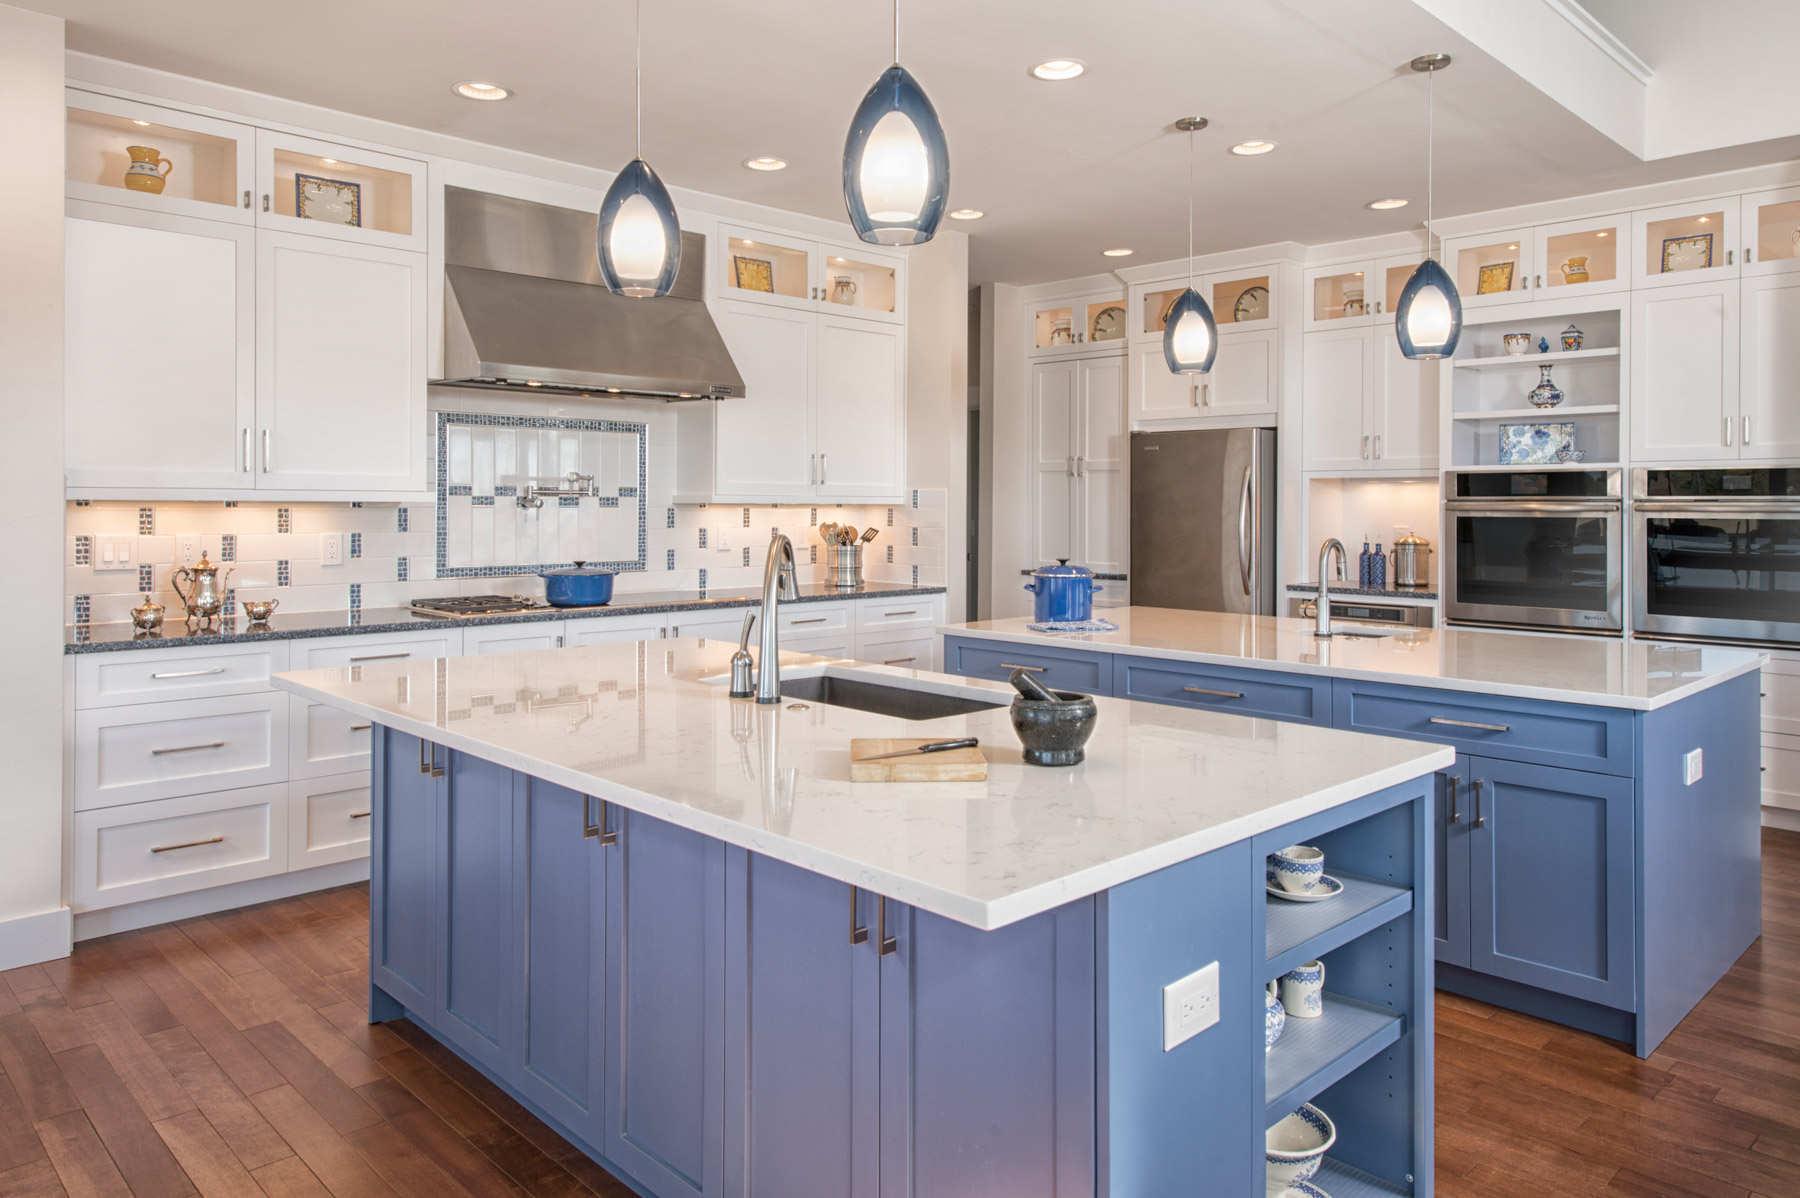 parker-kitchen-designed-by-michelle-ku-at-ku-interior-design-v2-1